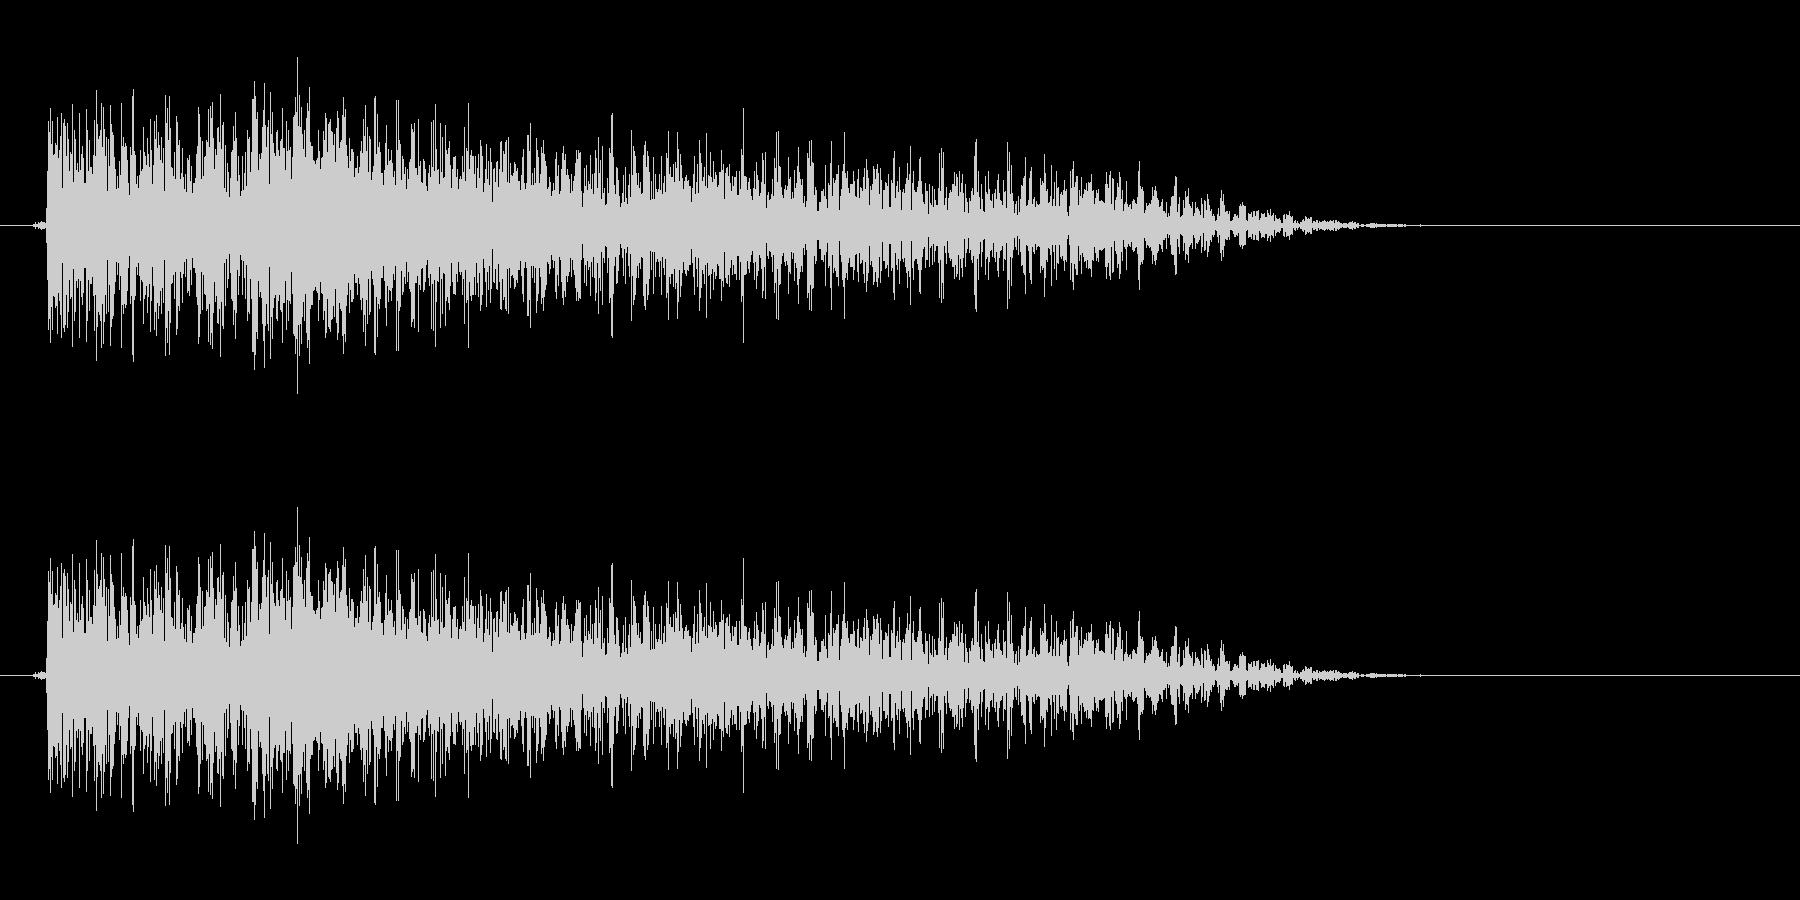 フォークギター太い6弦から1弦へボロロンの未再生の波形